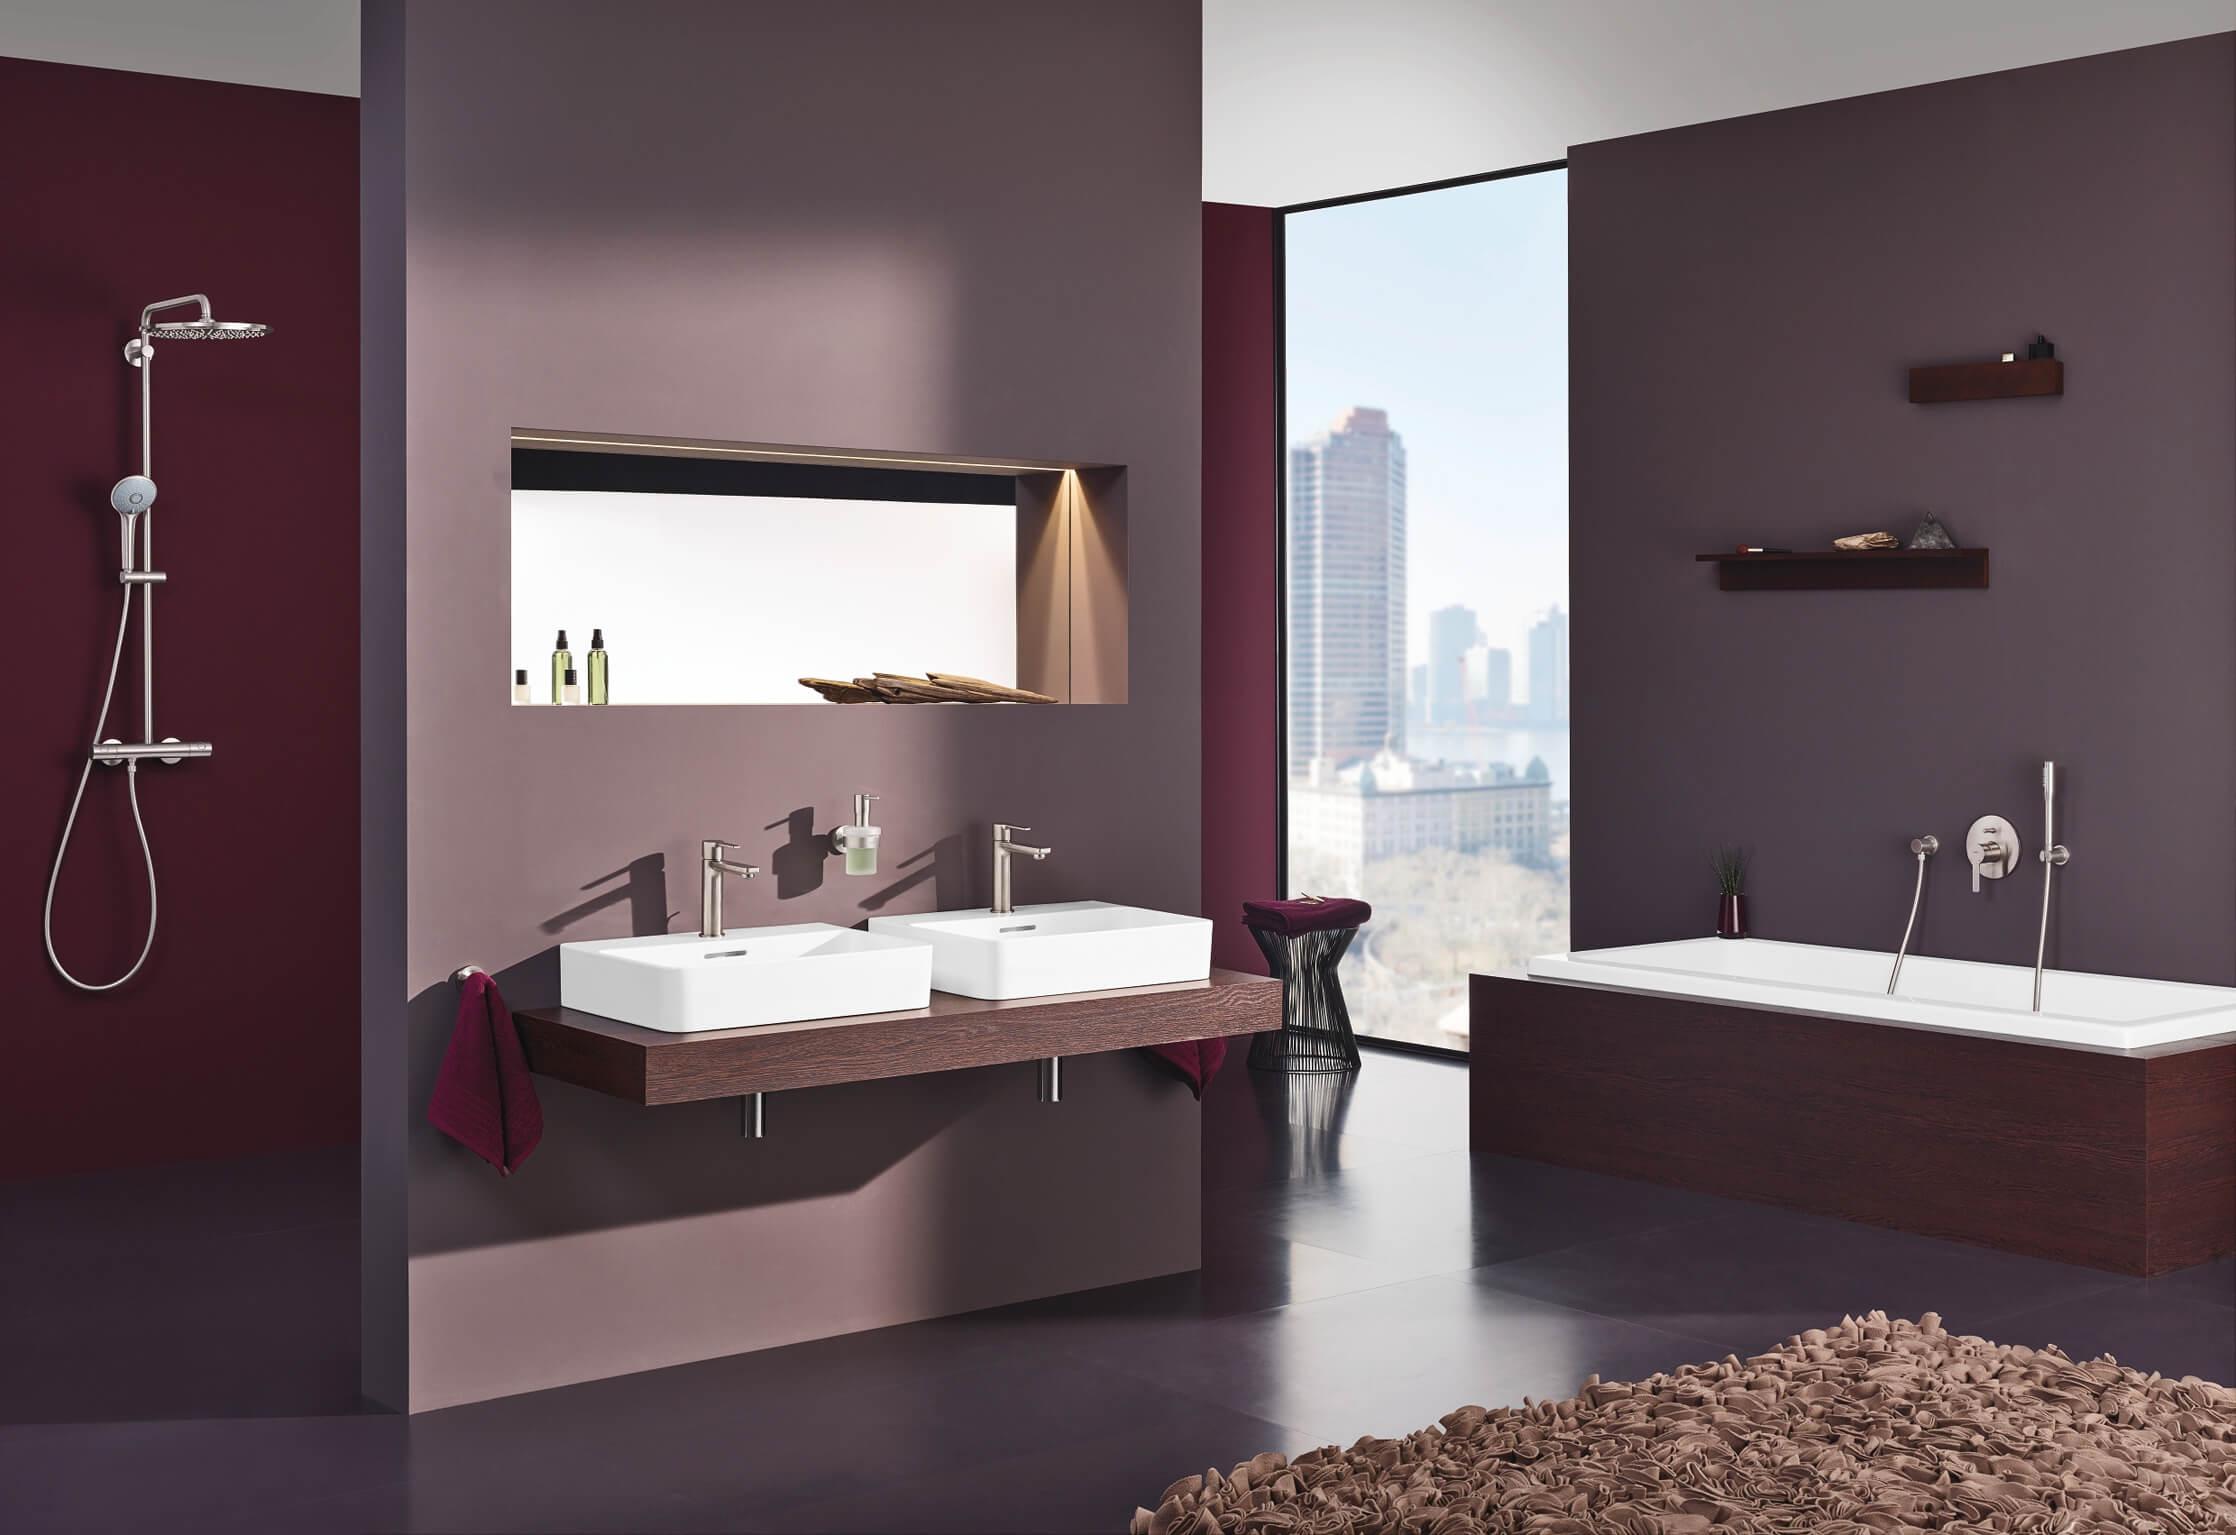 Ton-in-Ton-Farbkonzepte verleihen einem Badezimmer auch bei einer mutigen Farbwahl eine ruhige Ausstrahlung. Eine Farbe übernimmt hierbei die Vorherrschaft in der Gestaltung. (Foto: Grohe)